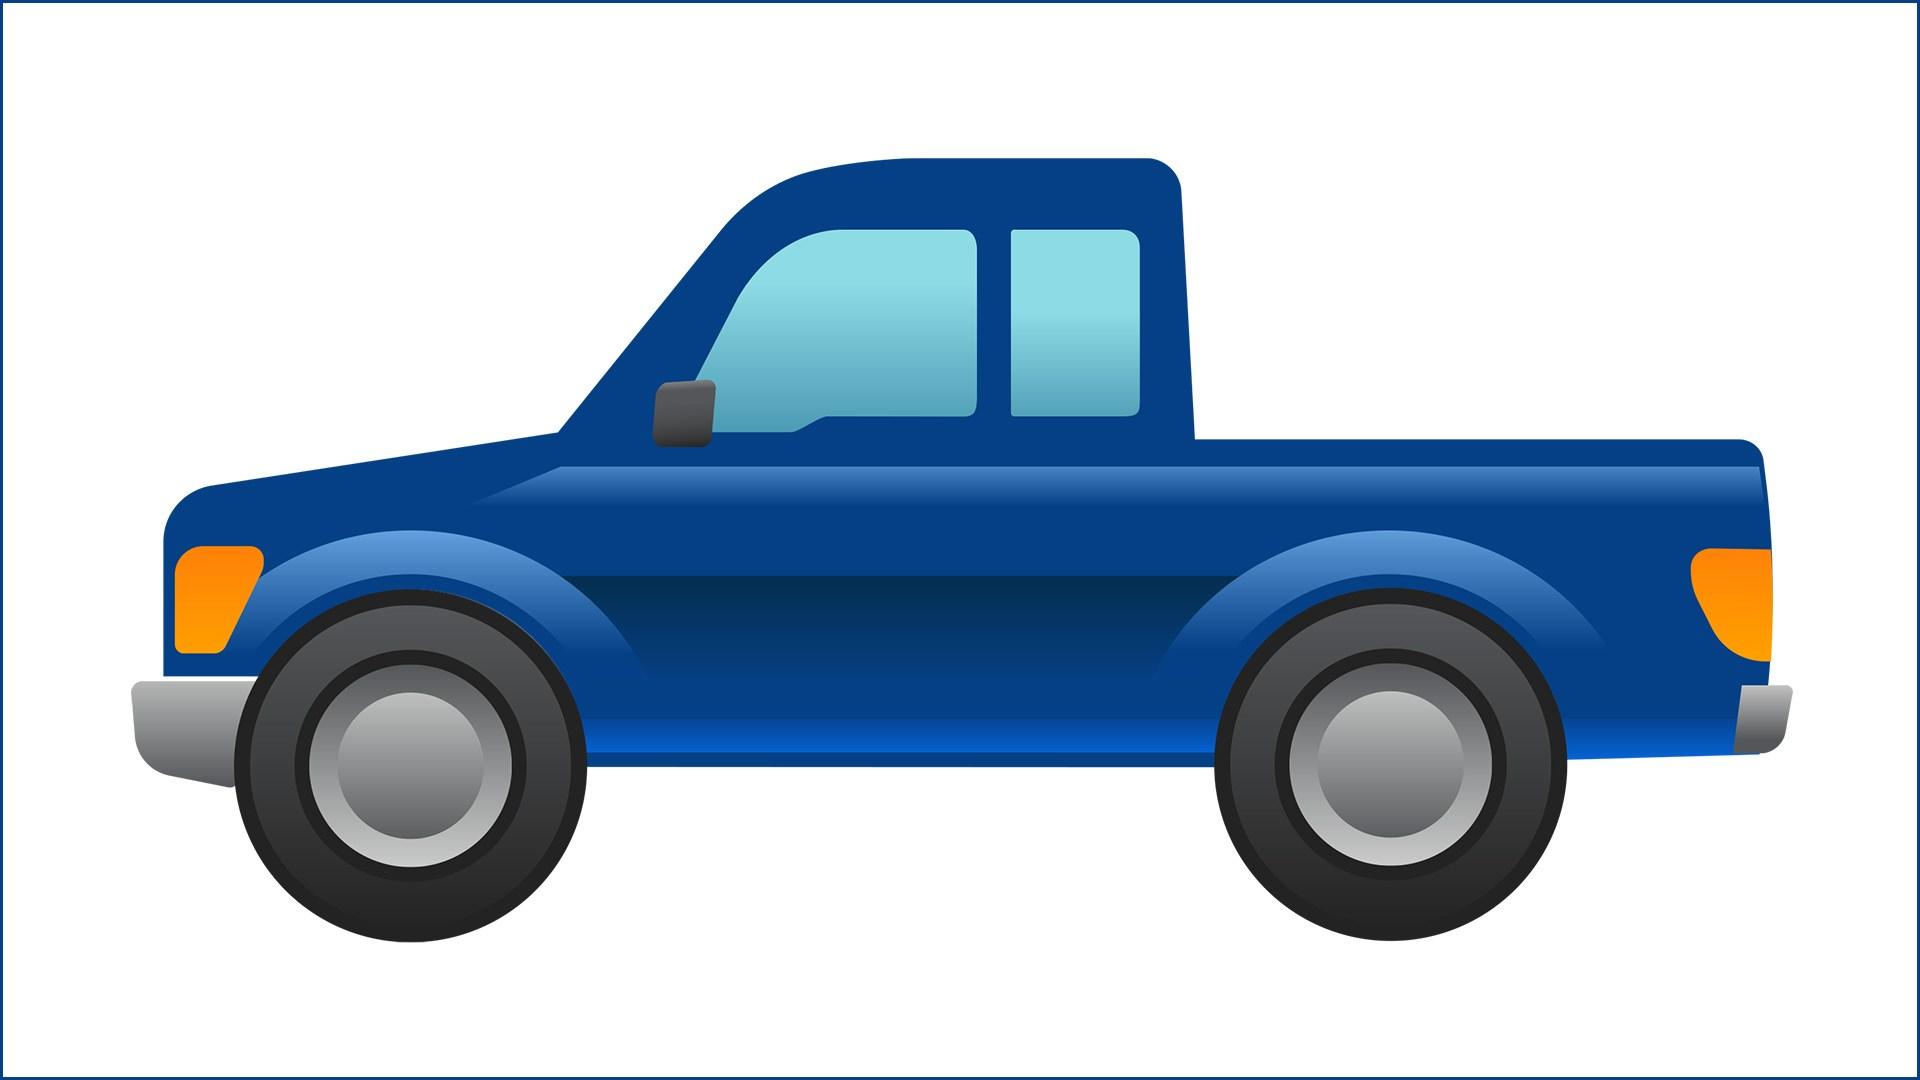 Σε ποιο σημείο του κόσμου βρίσκεται το pickup emoji;